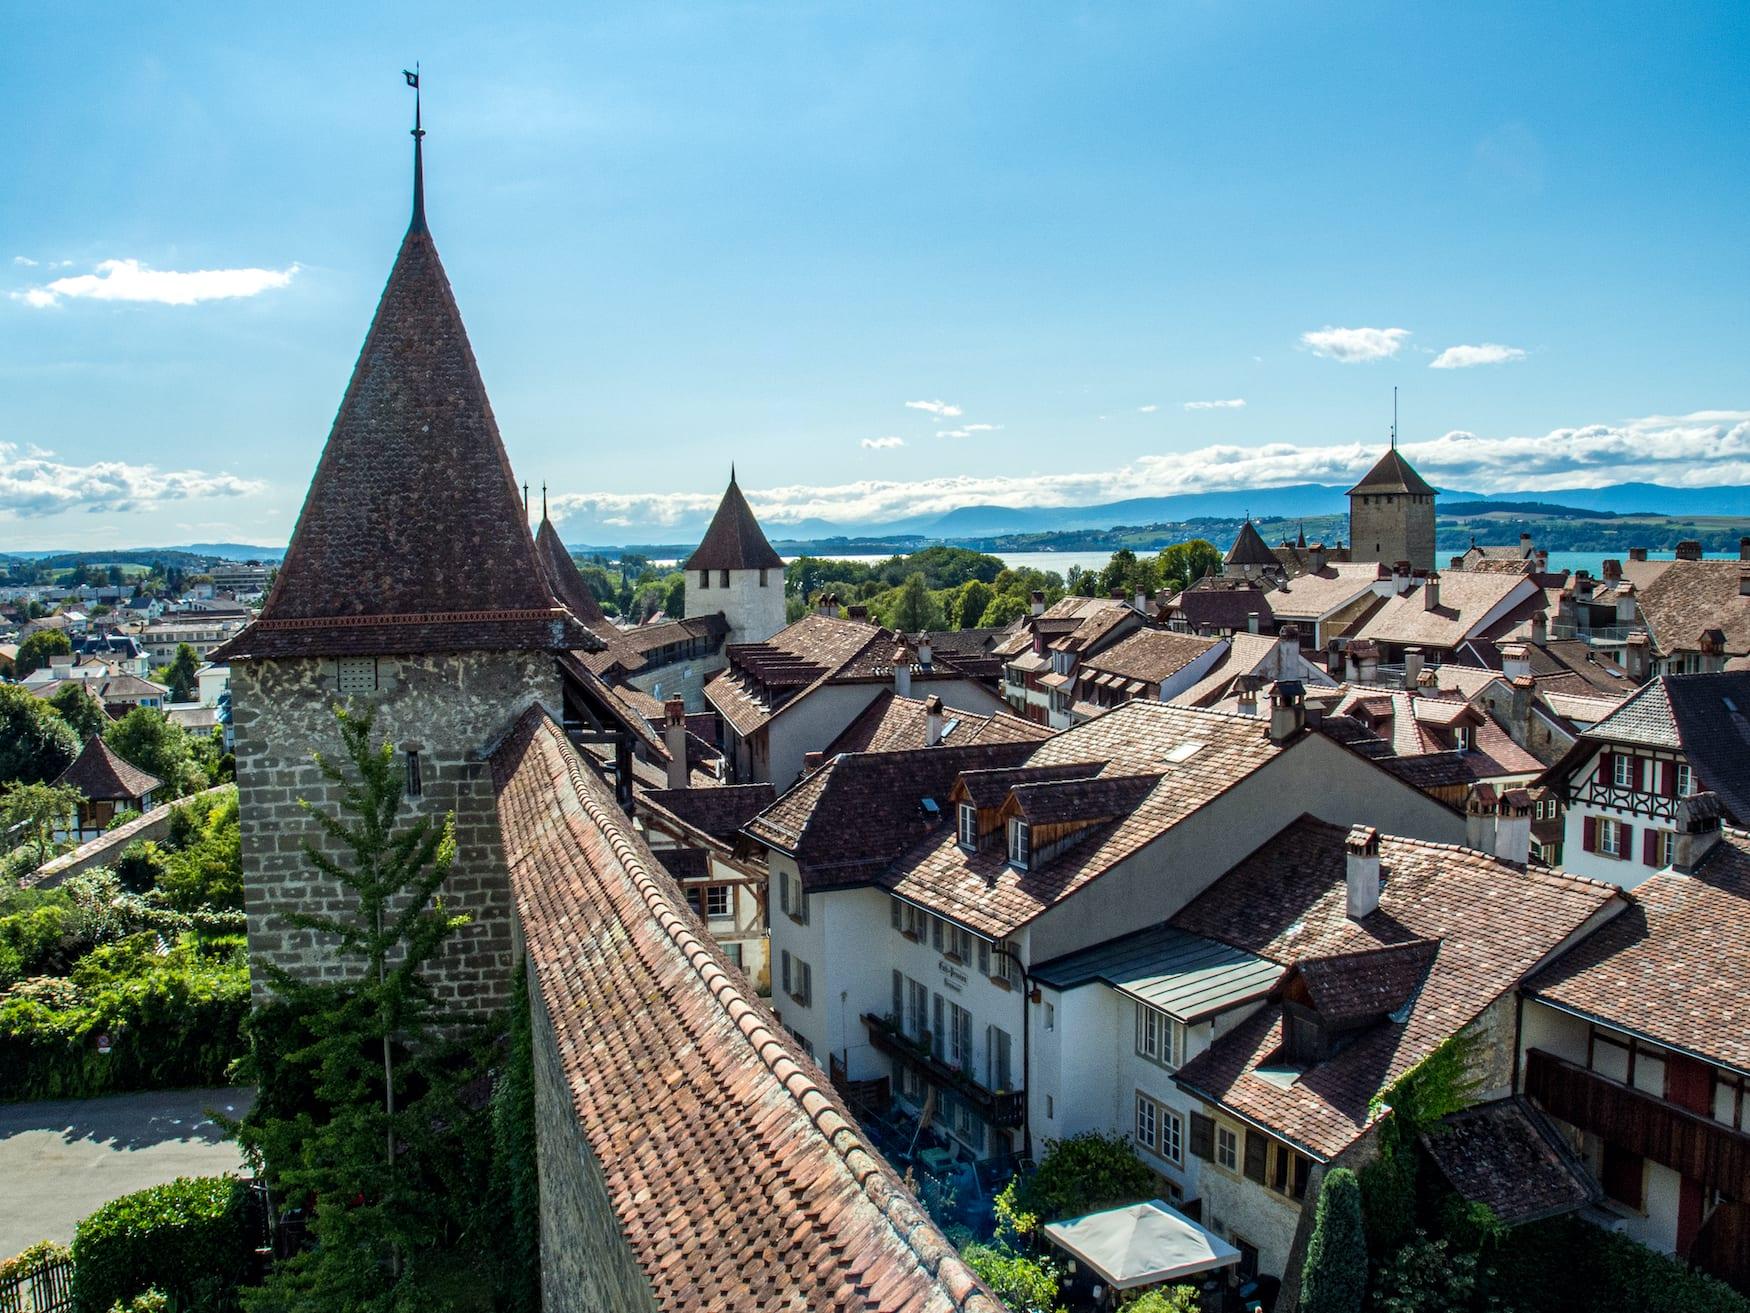 Aussicht von der Stadtmauer in Murten, Schweiz